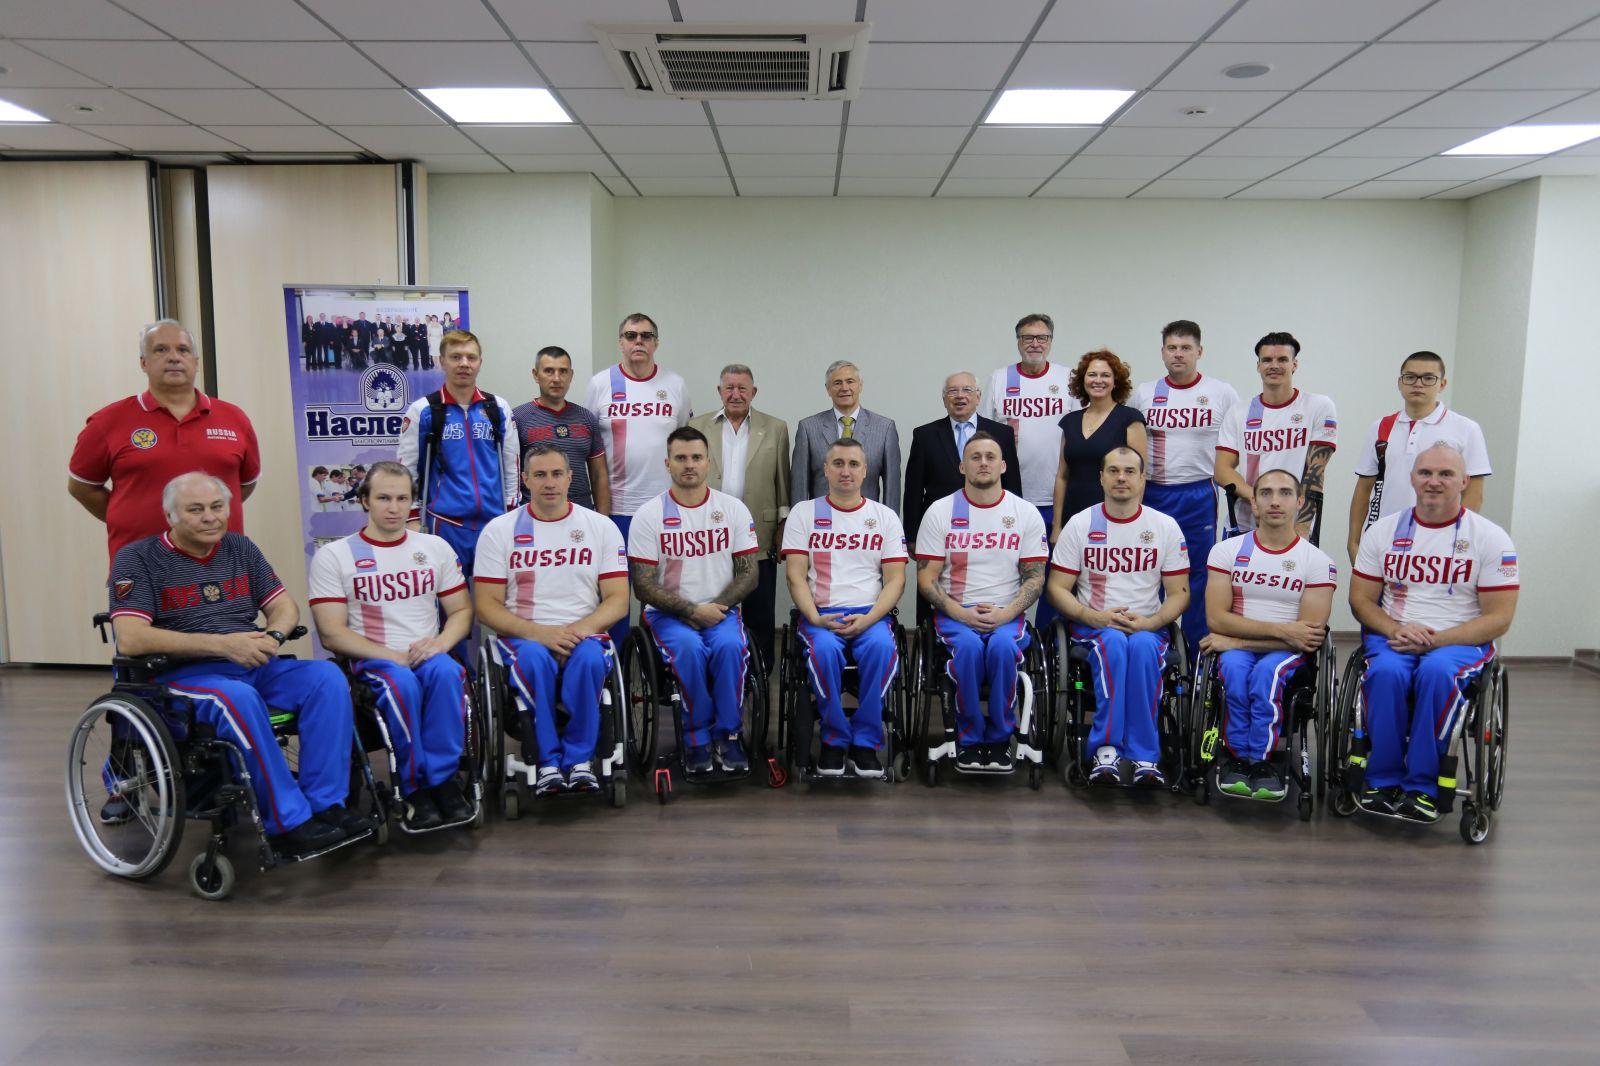 В.П. Лукин, П.А. Рожков в офисе ПКР встретились со сборной командой России по баскетболу на колясках в преддверии Чемпионата Европы в дивизионе А